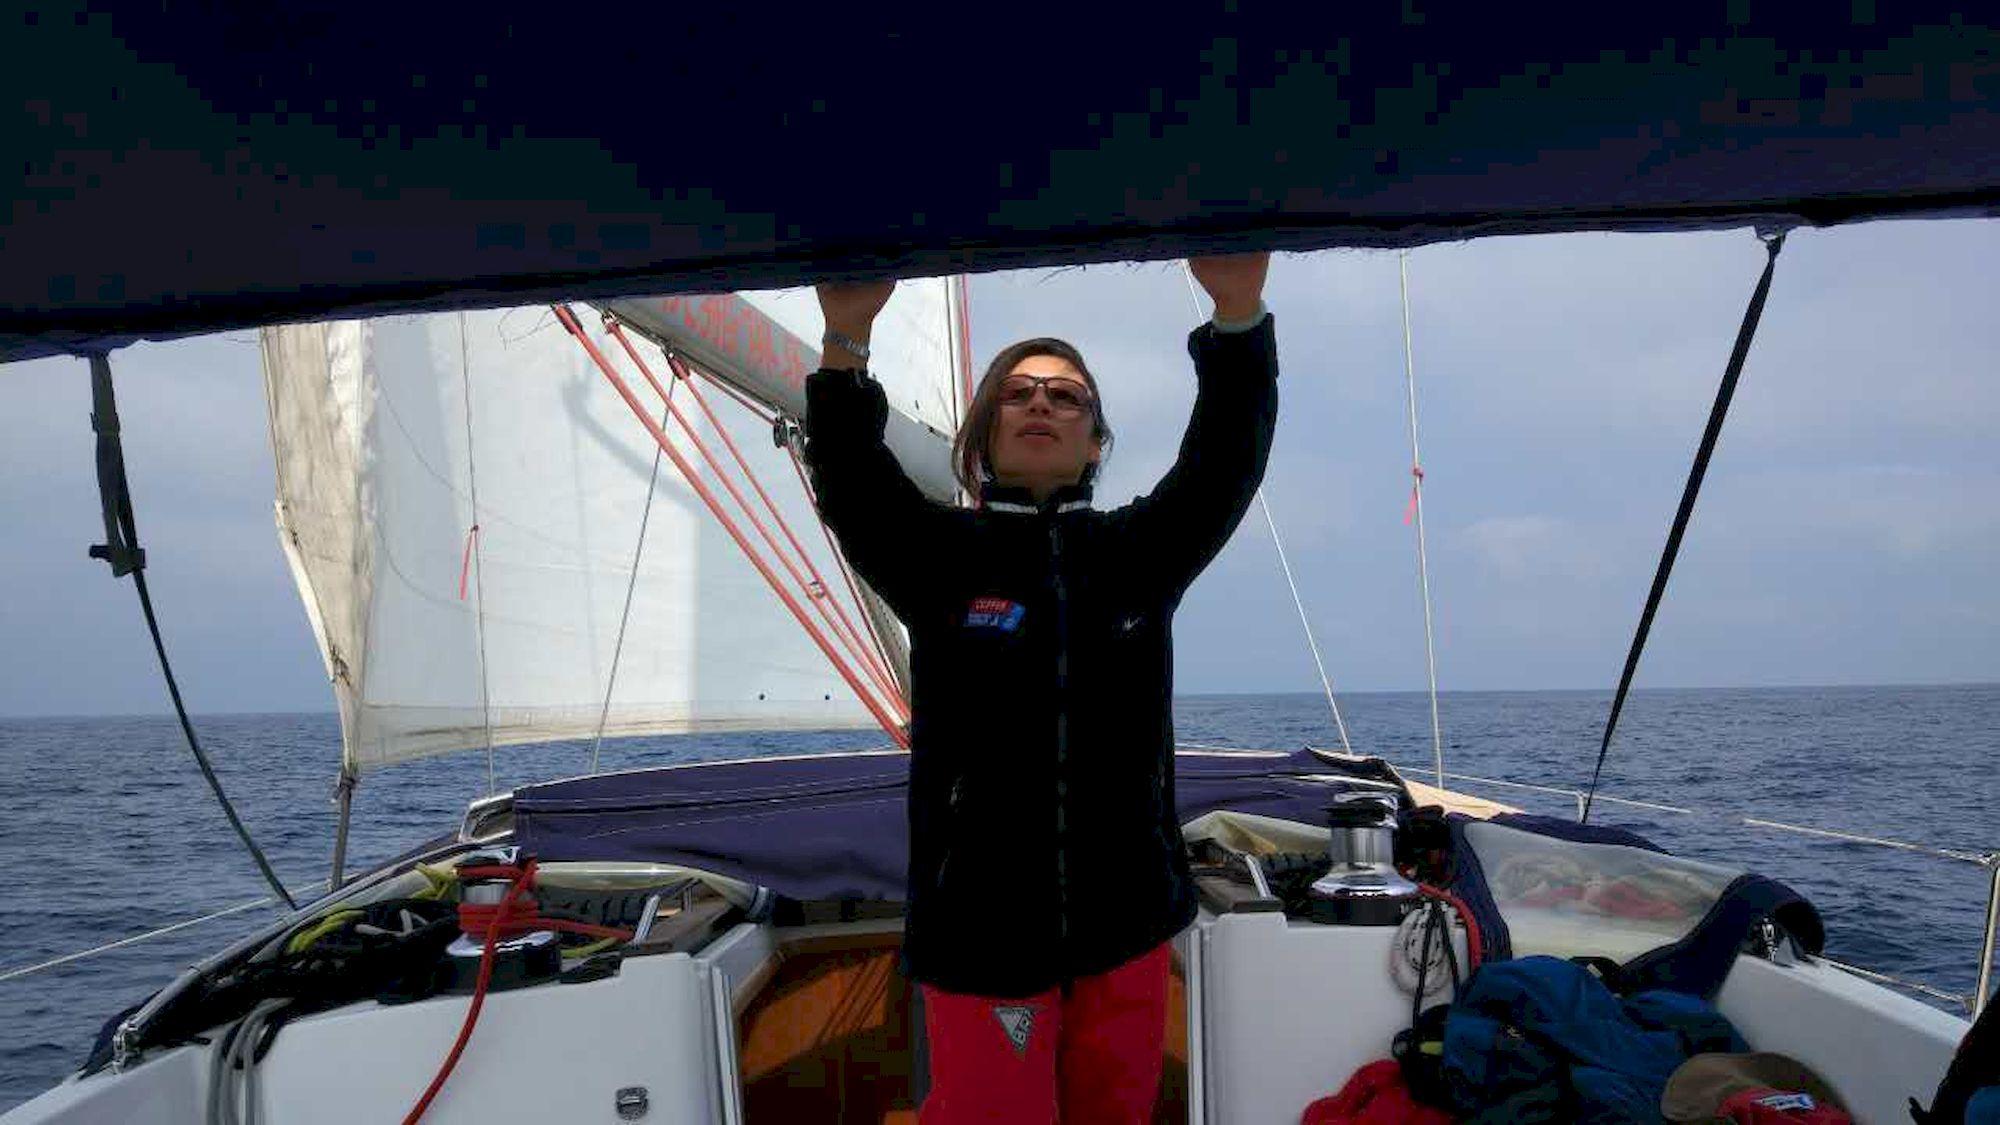 新西兰,跆拳道,俱乐部,拉力赛,青岛 向着太阳升起的地方出发:记第一次跨国远航-千航帆船-51航海网队-2016威海仁川 018-IMG_3118_千帆俱乐部我要航海网帆船队-2016威海-仁川国际帆船赛.JPG